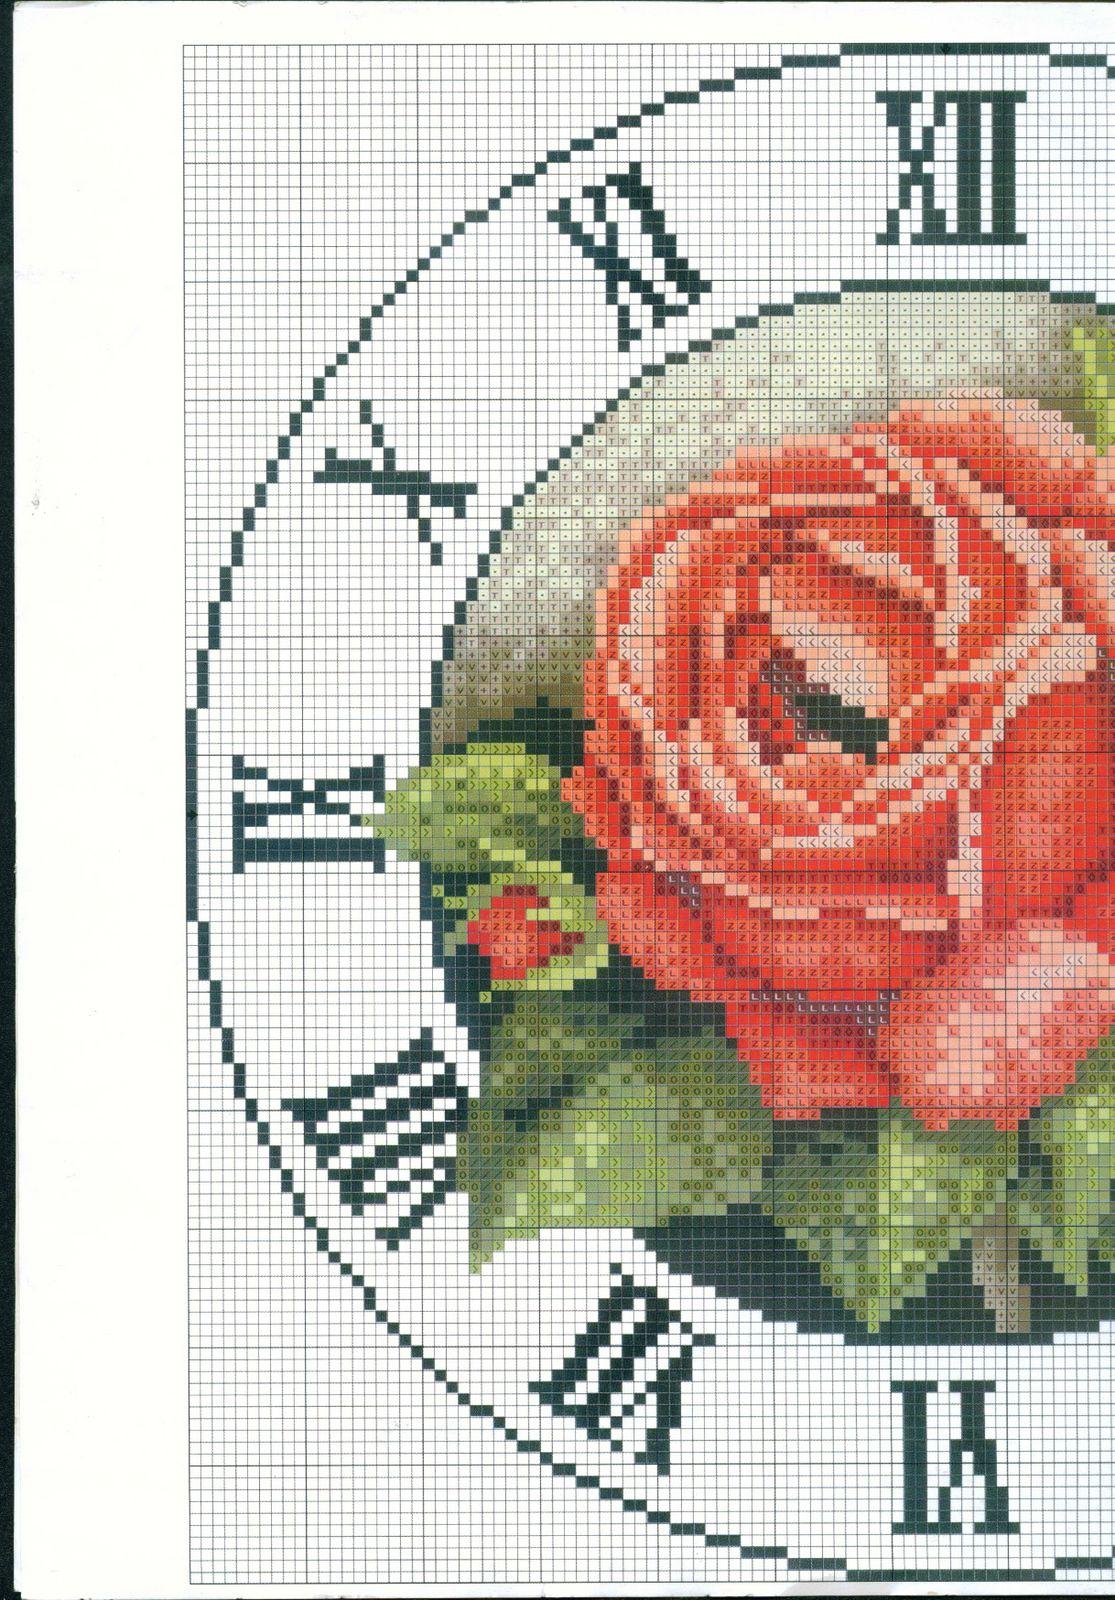 Orologio rotodo rose rosse punto croce 1 magiedifilo for Orologio punto croce schemi gratis